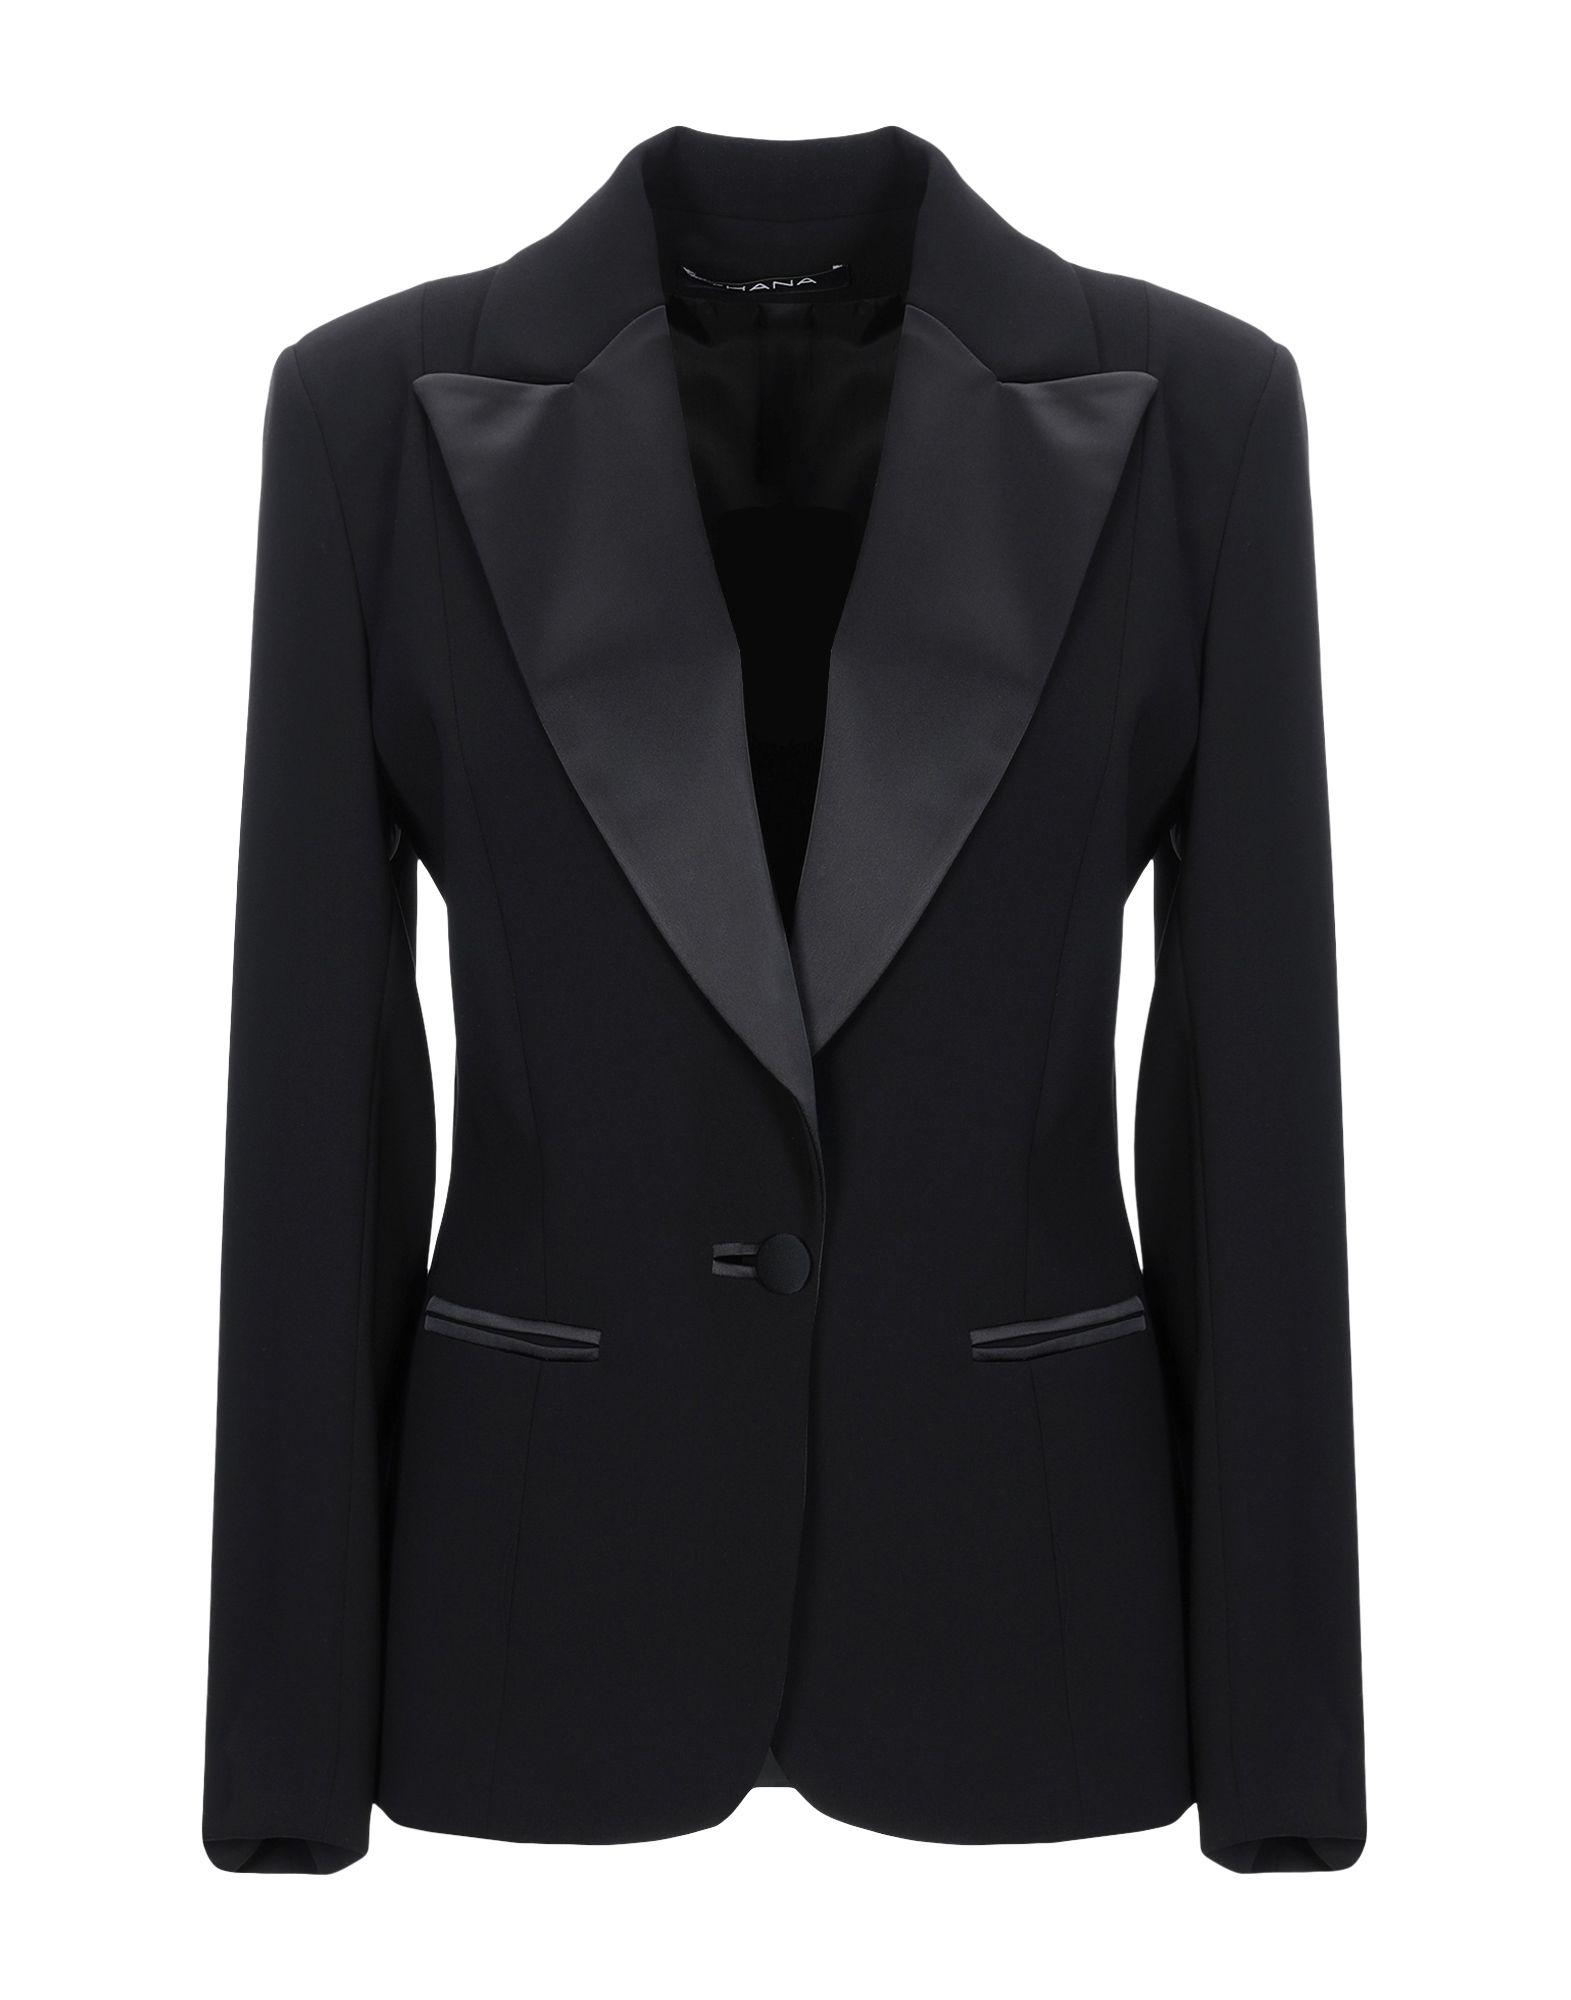 《送料無料》THANA レディース テーラードジャケット ブラック 42 ポリエステル 100%